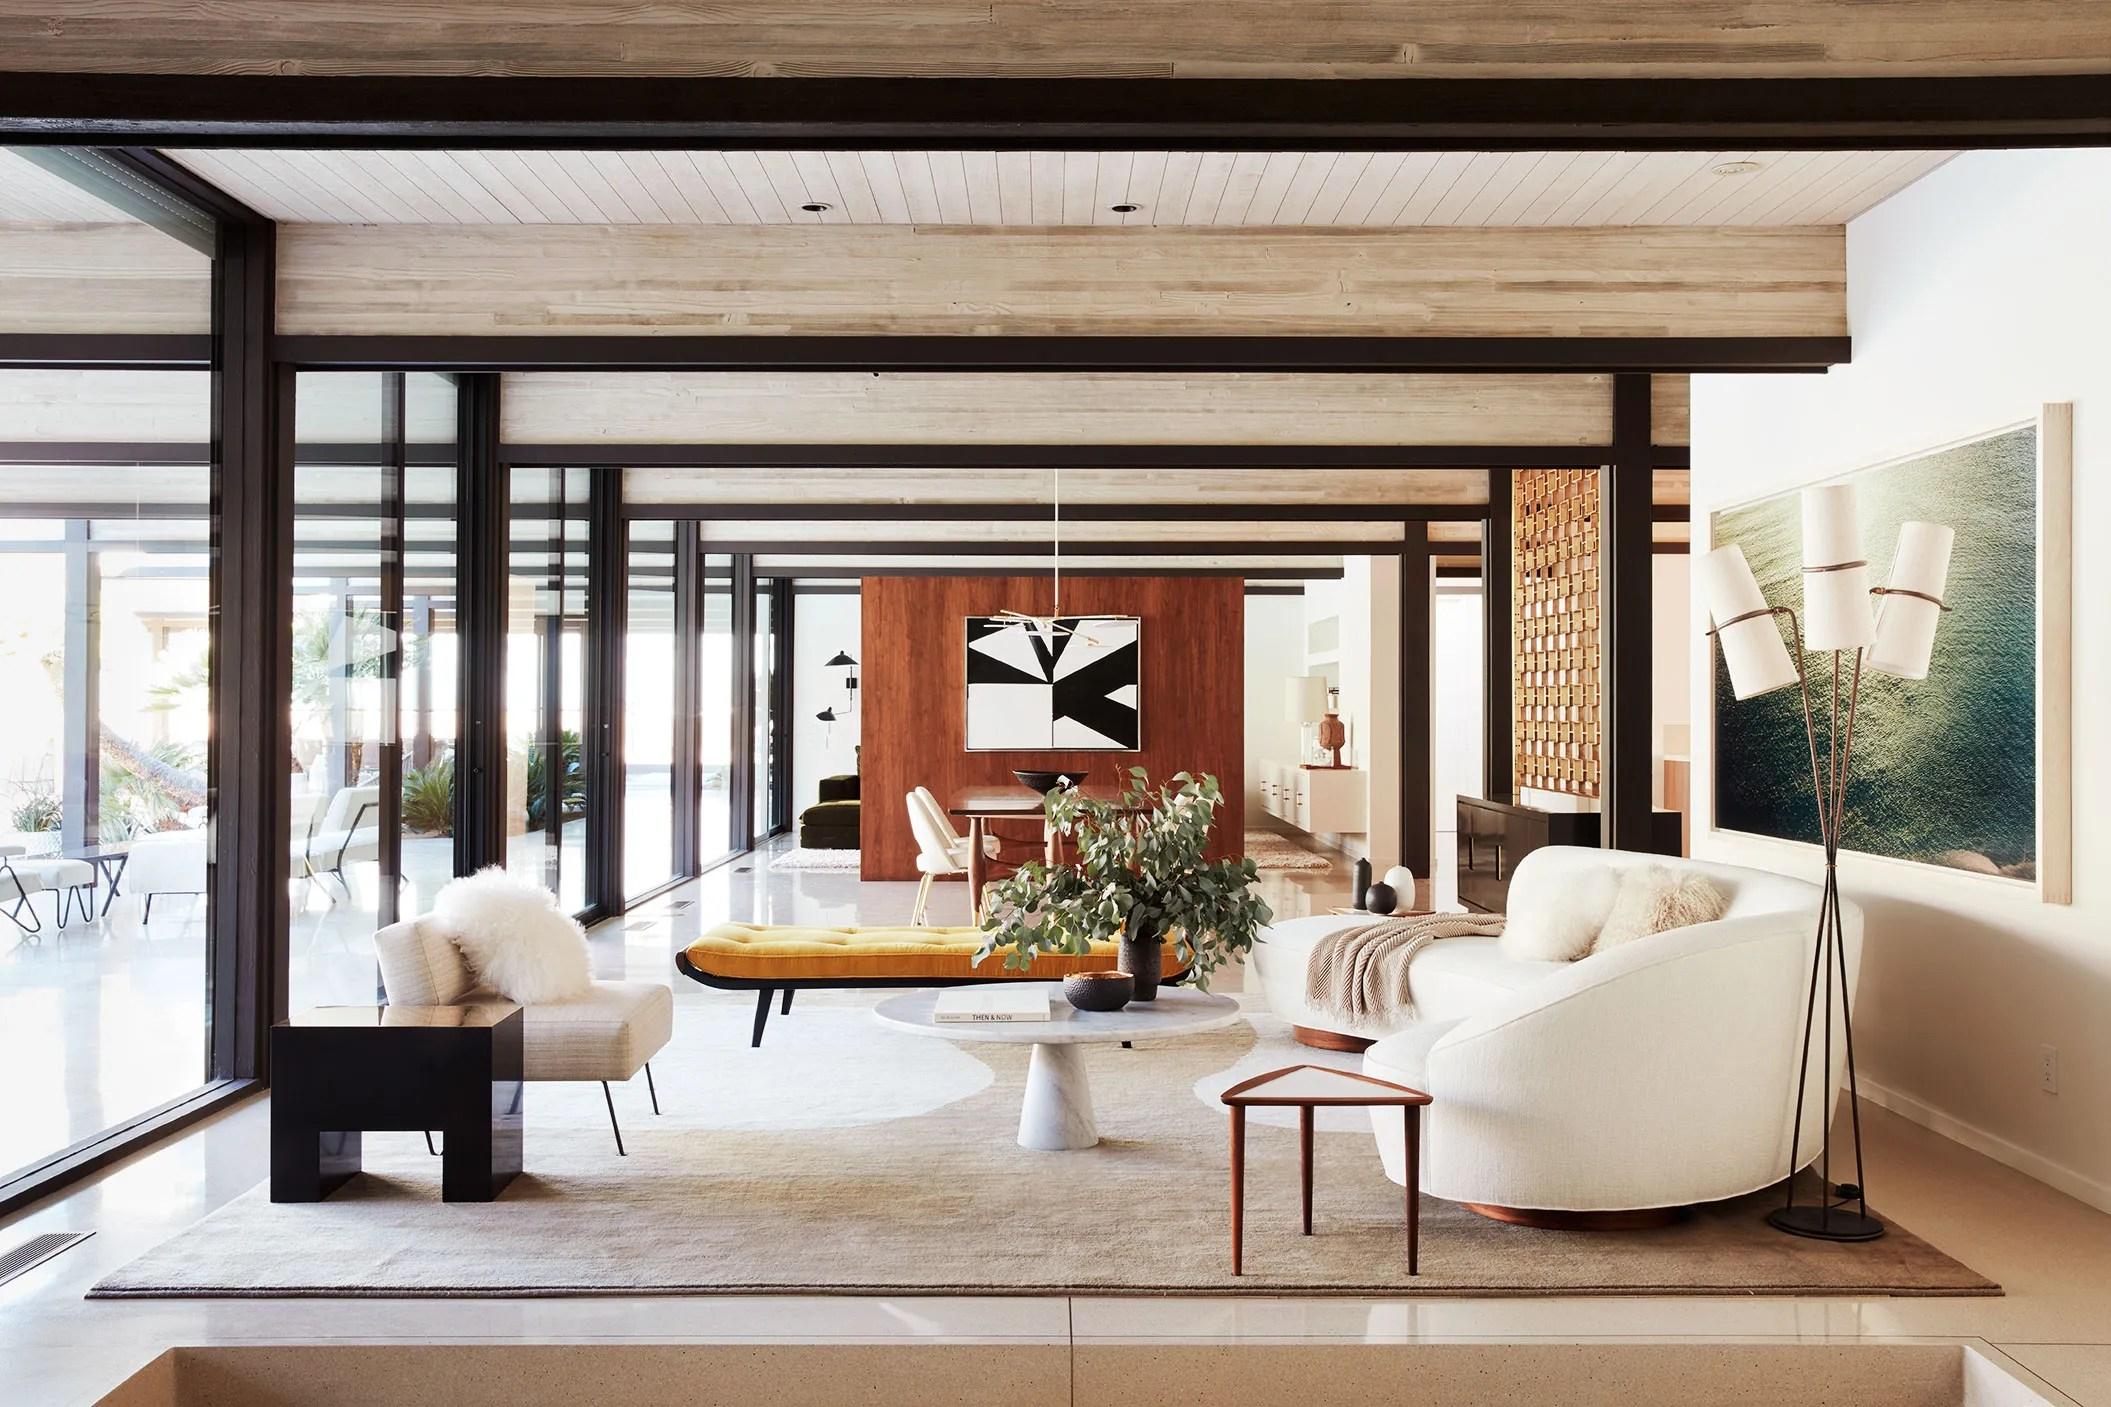 Best Kitchen Gallery: A Closer Look At Marmol Radziner's Palm Springs Restoration of Marmol Radziner Homes on rachelxblog.com